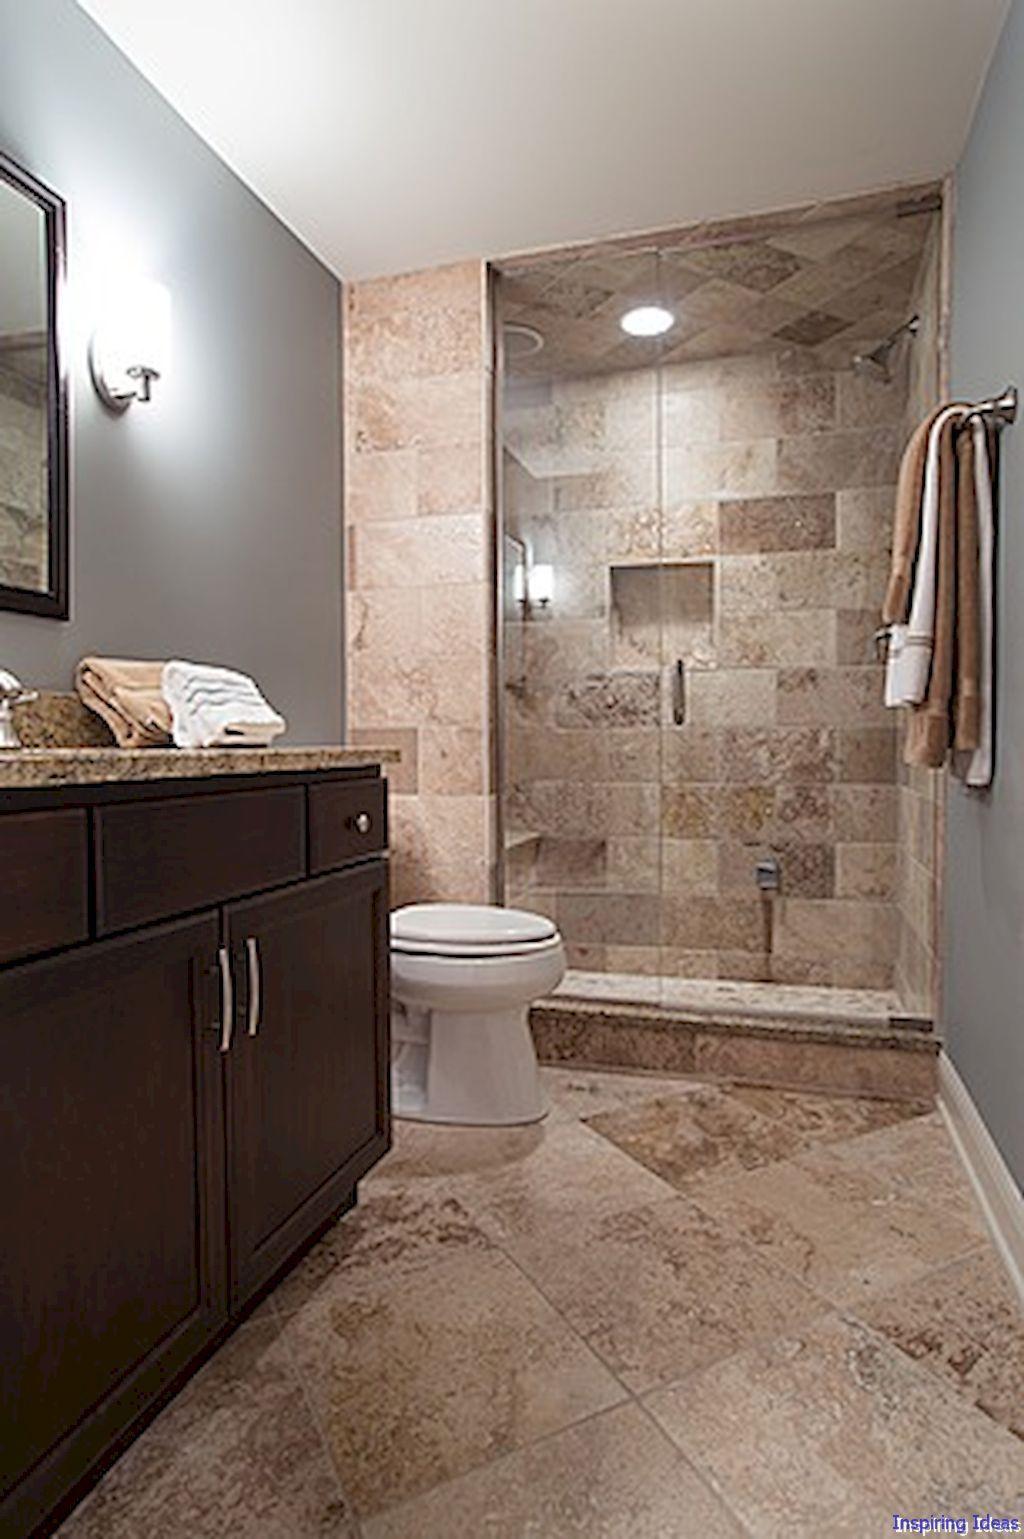 047 cool bathroom shower remodel ideas guest bathroom on cool small bathroom design ideas id=49605